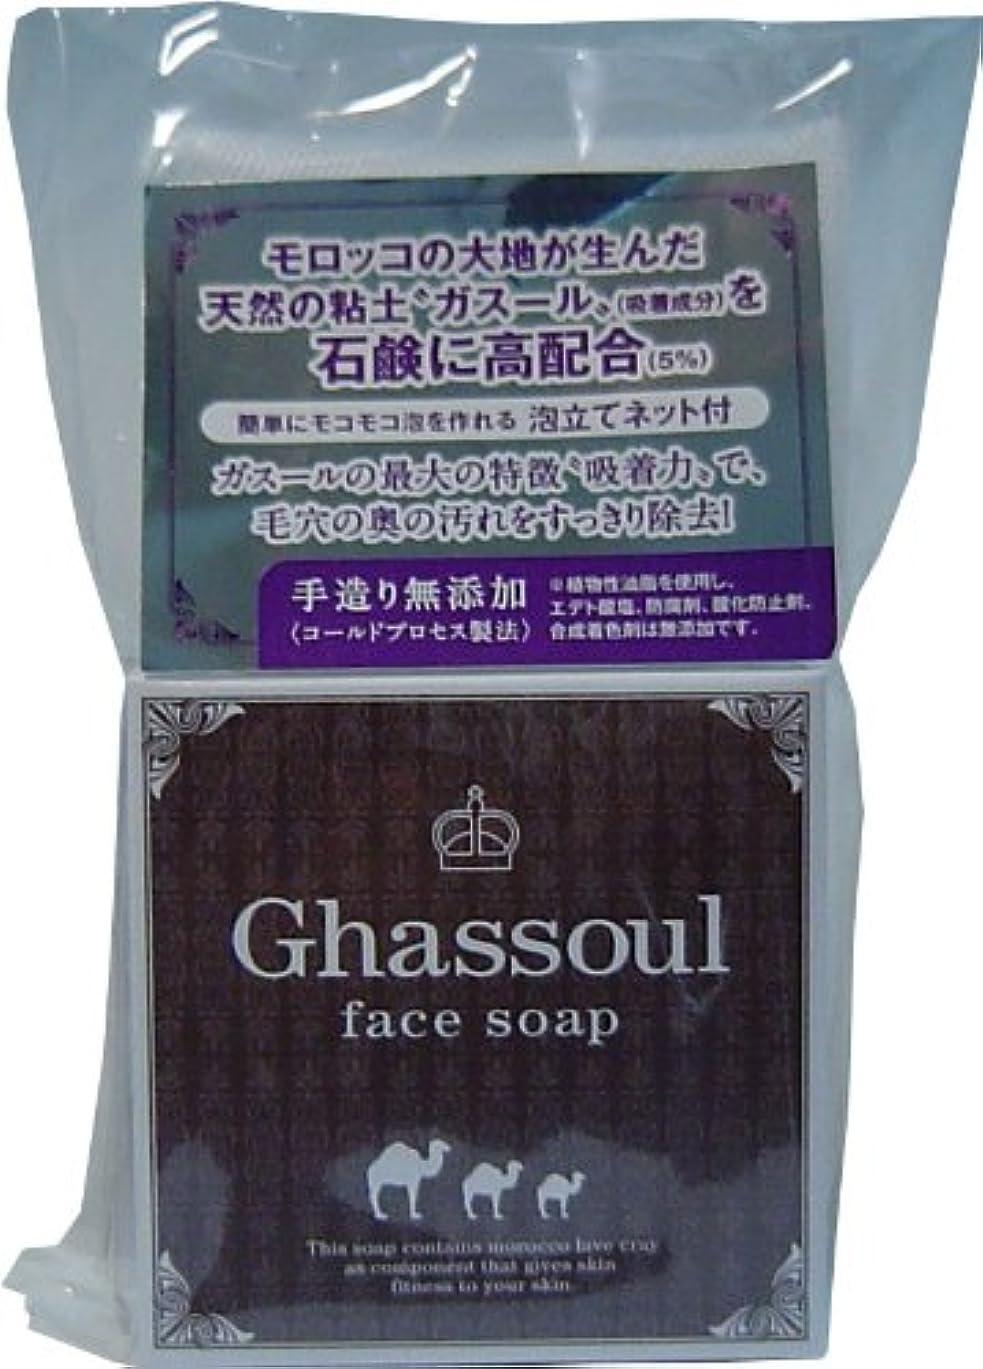 ドラマワインエンディングGhassoul face soap ガスールフェイスソープ 100g ×5個セット